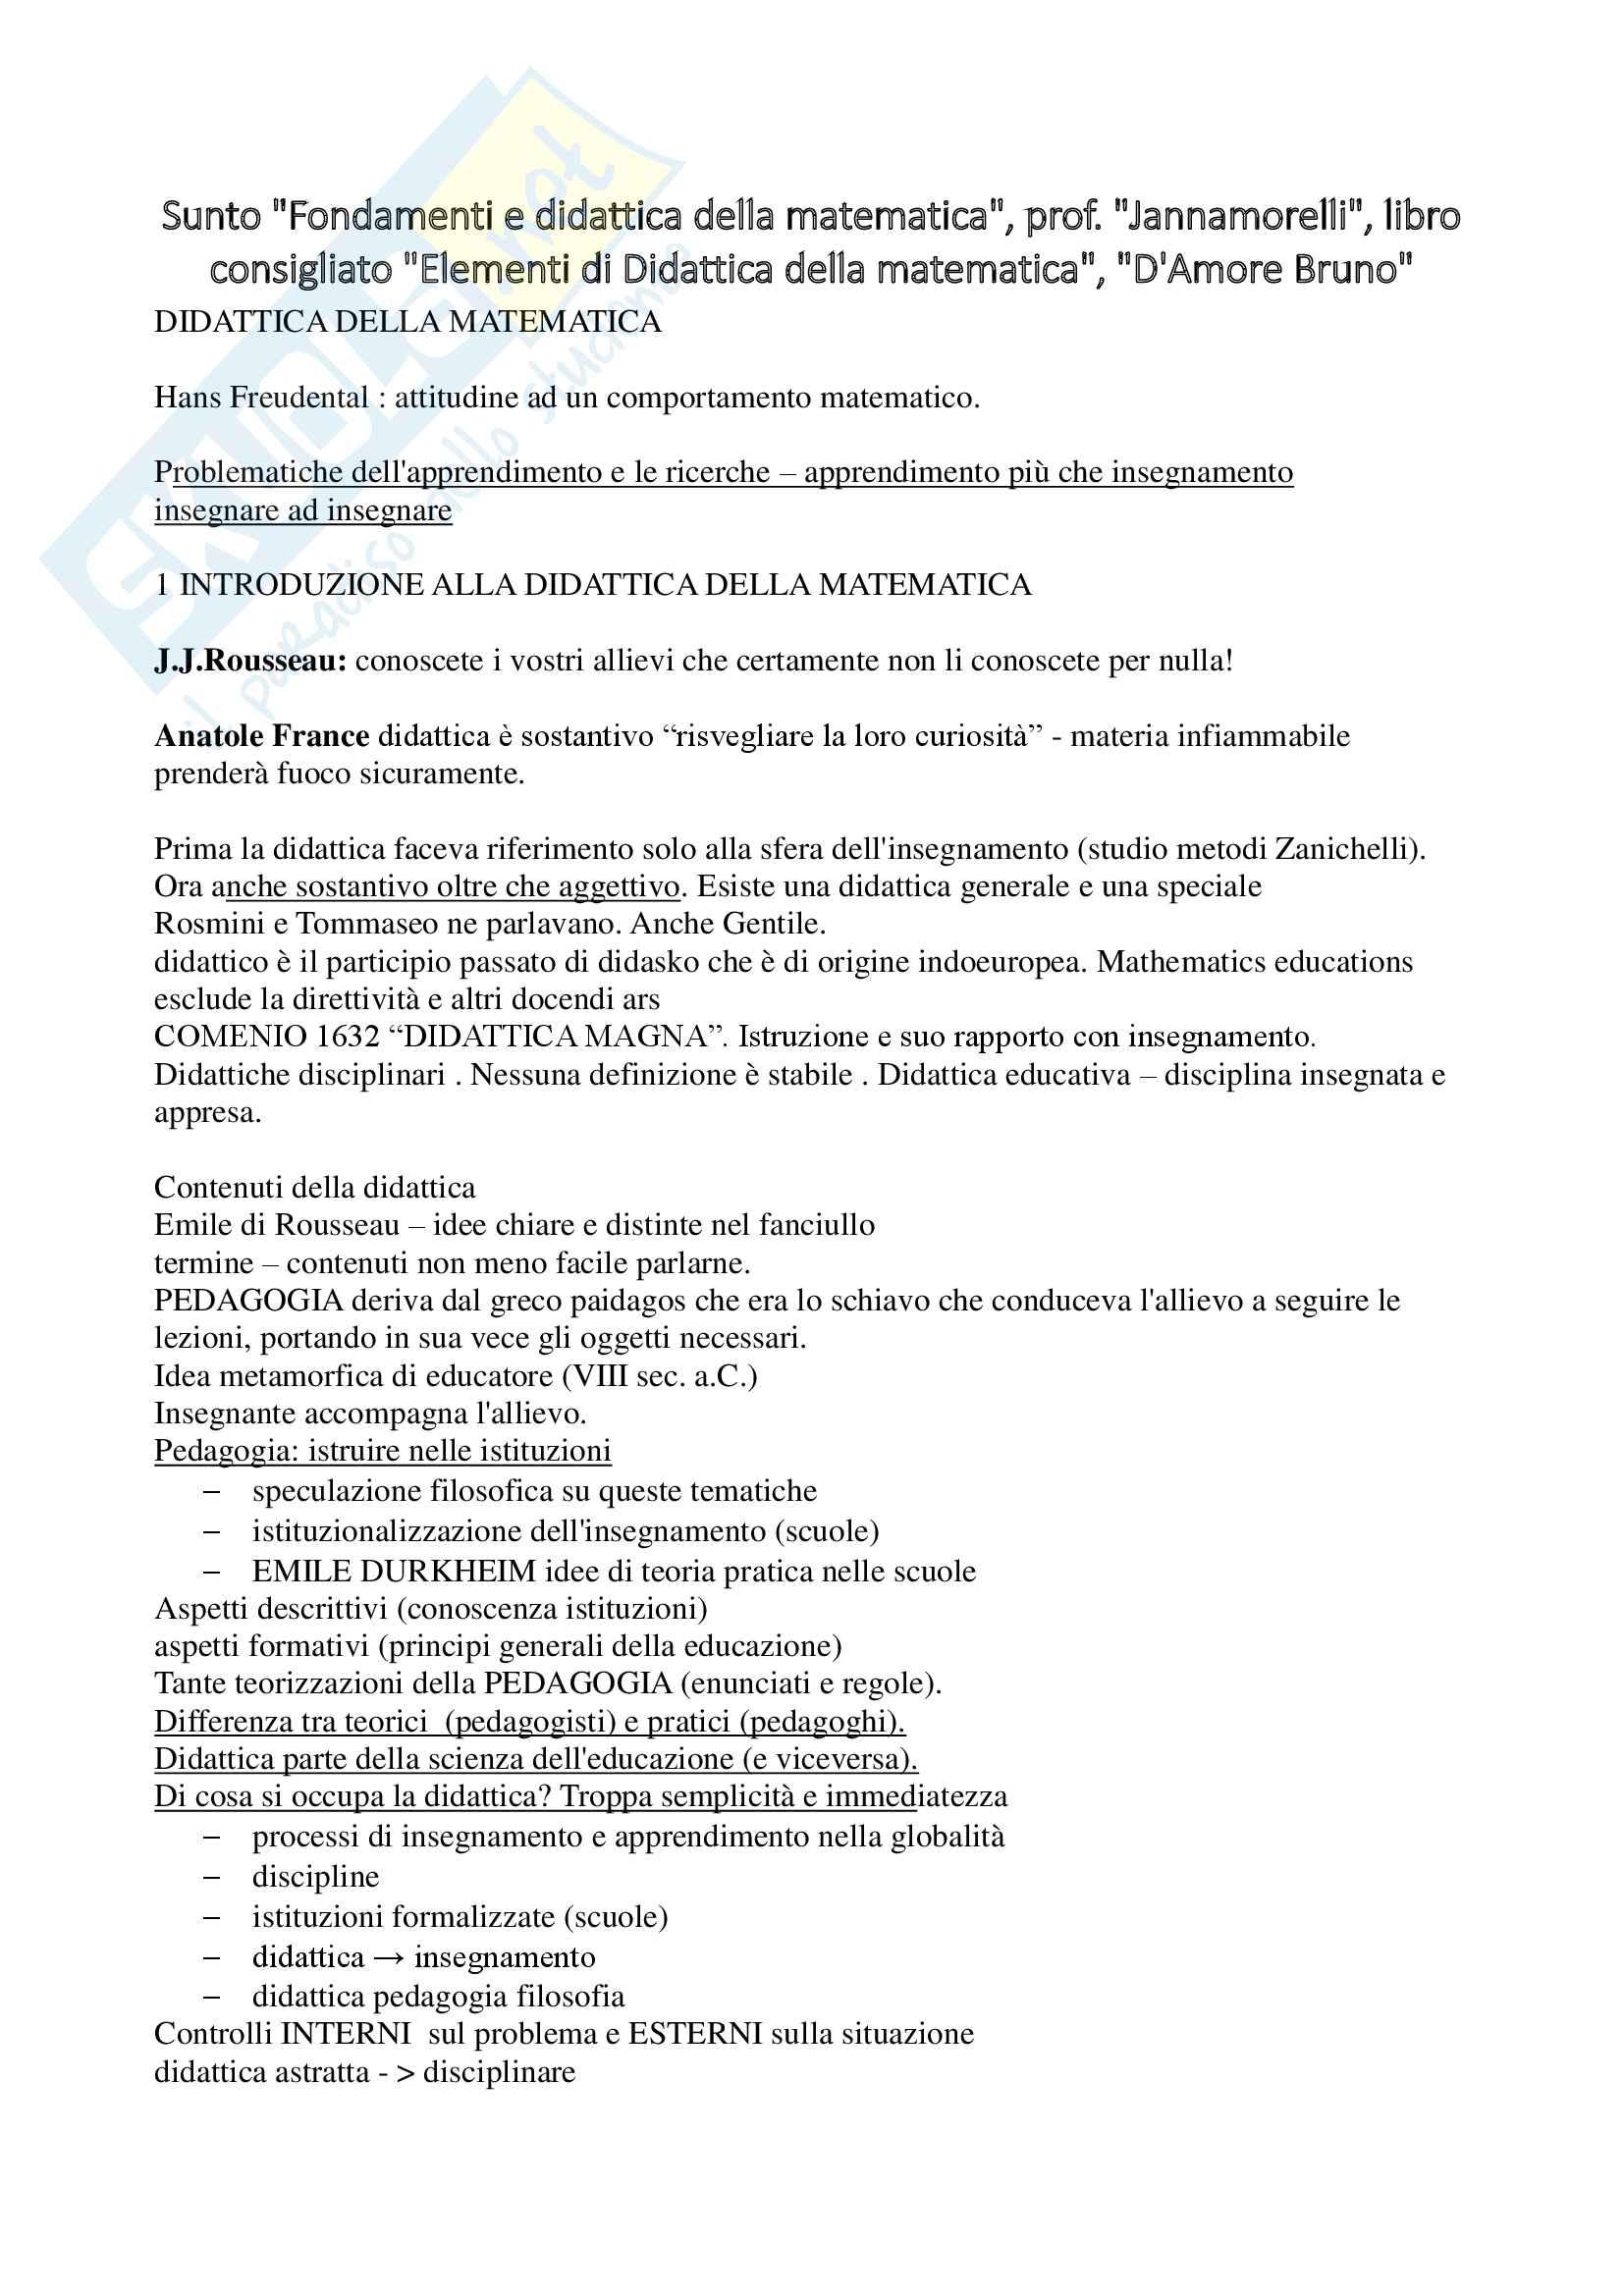 Sunto Fondamenti e didattica della matematica, prof. Jannamorelli, libro consigliato Elementi di Didattica della matematica, D'Amore Bruno